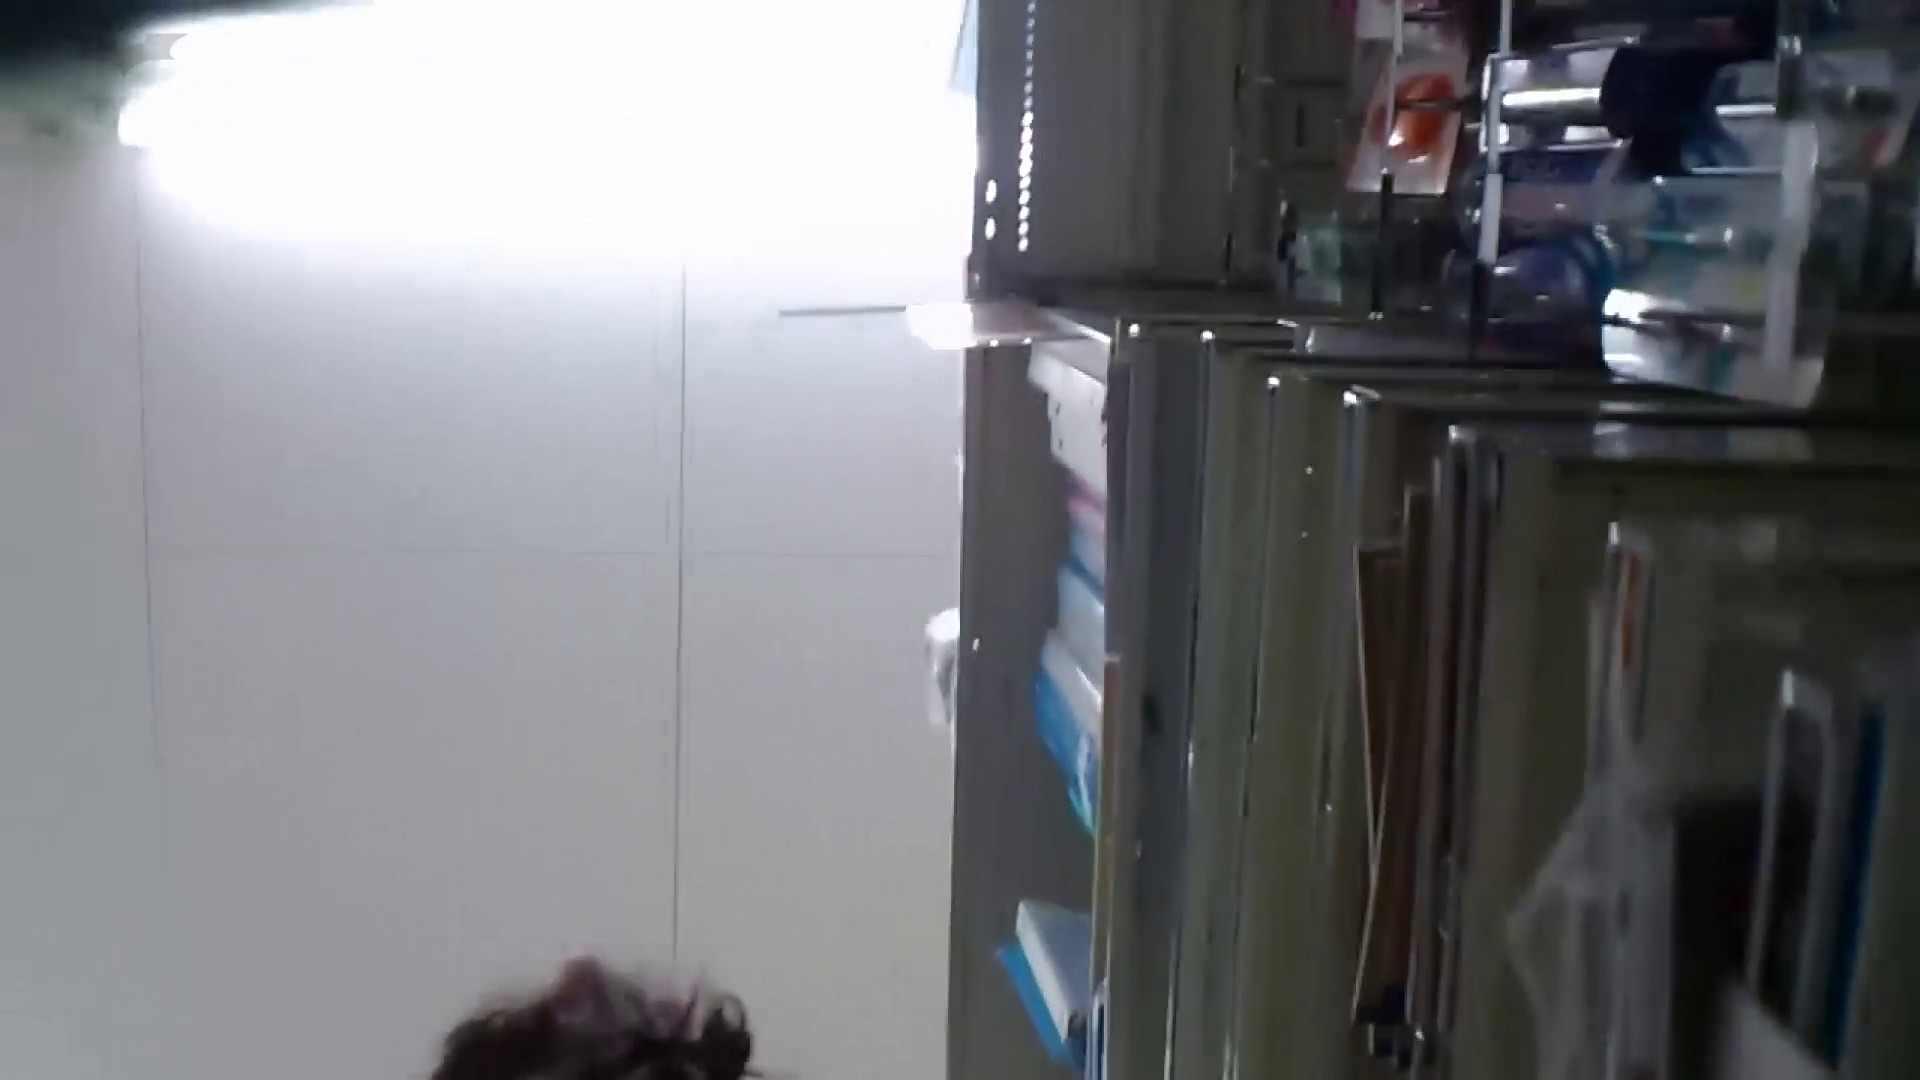 期間限定 超炉利盗撮 番外Vol.11 パンチラマーケット 期間限定シリーズ エロ画像 72画像 46